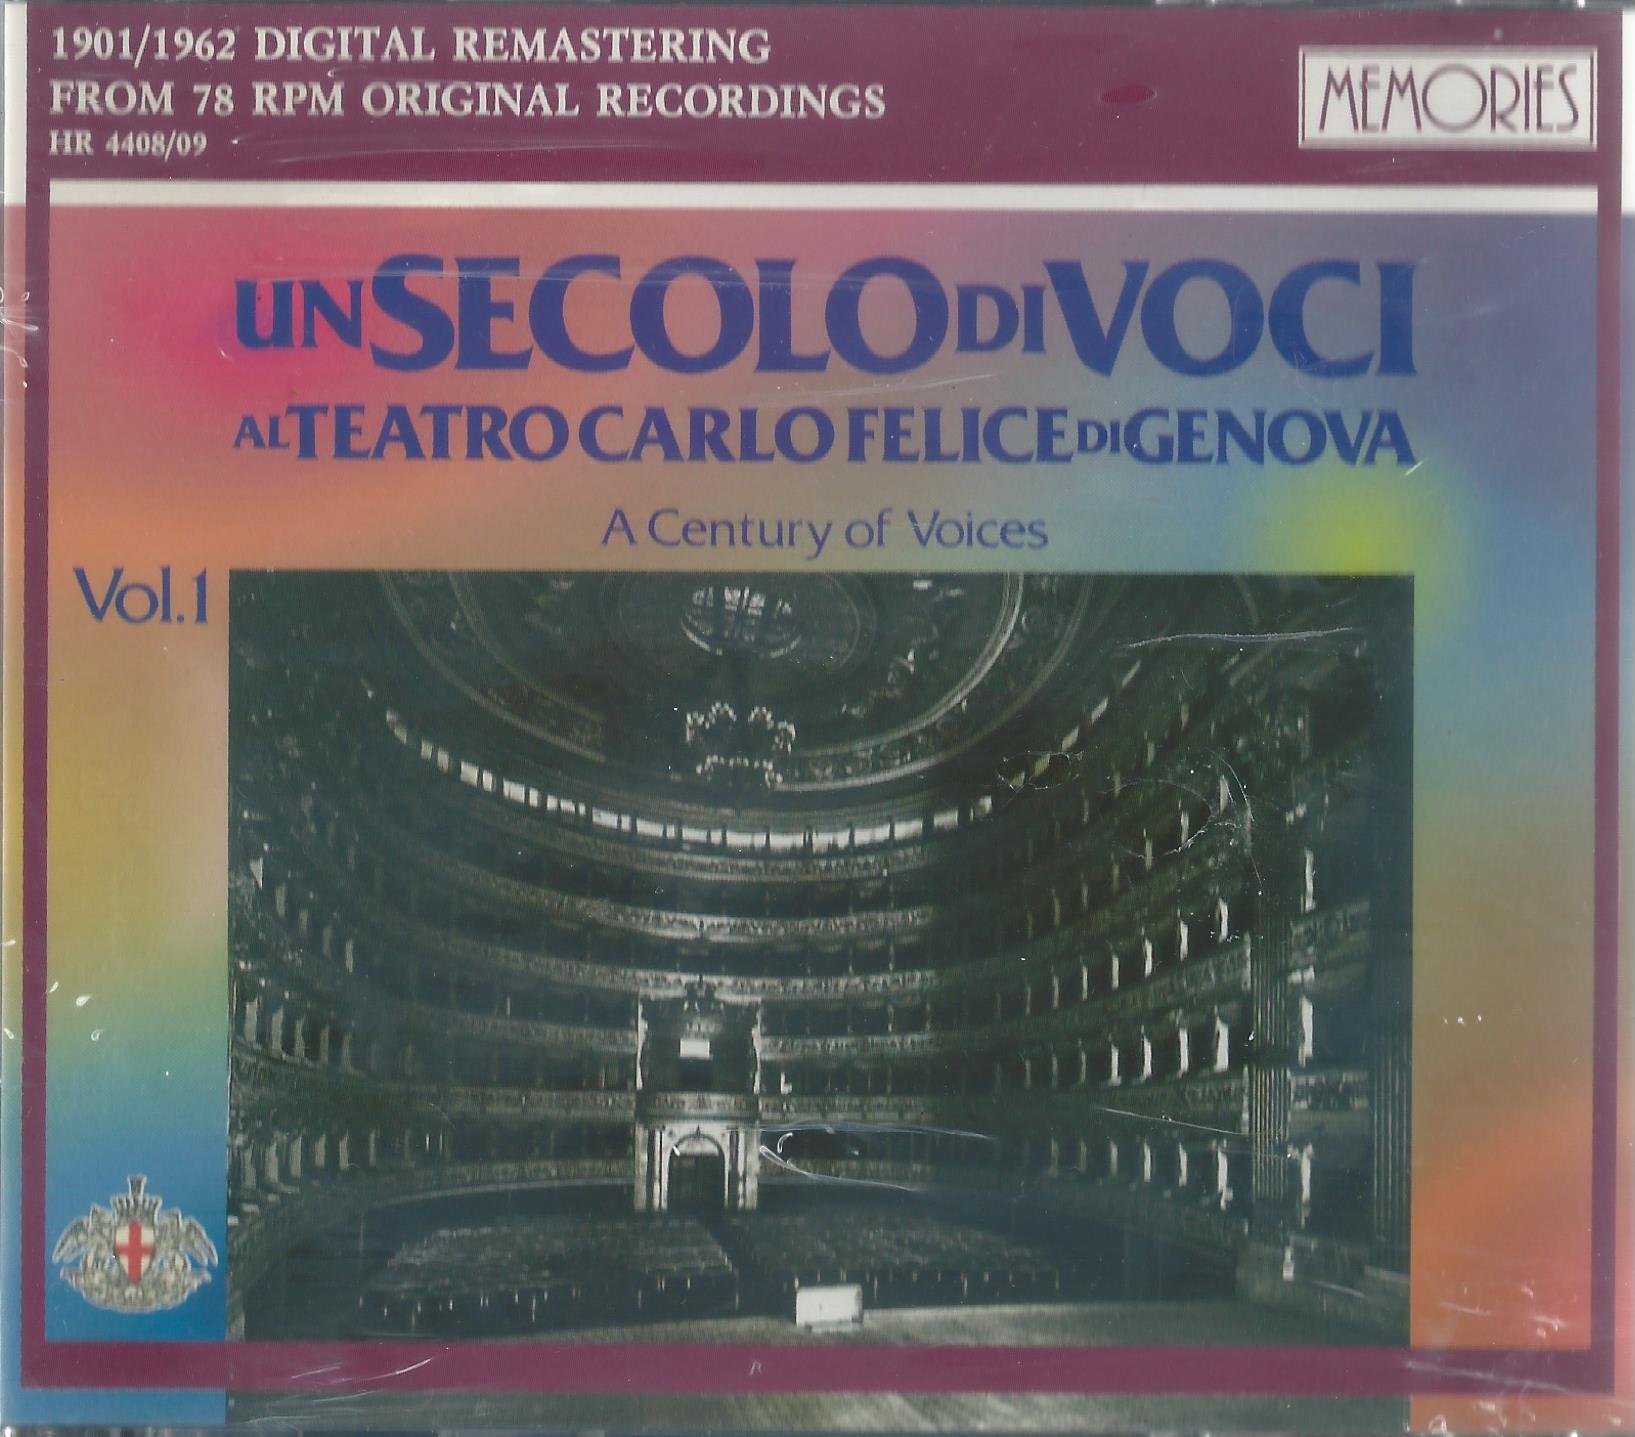 A Century of Voices at the Carlo Felice Theatre of Genoa, Volume 1 (Un Secolo di Voci al Teatro Carlo Felice di Genova, Vol. I) by Memories